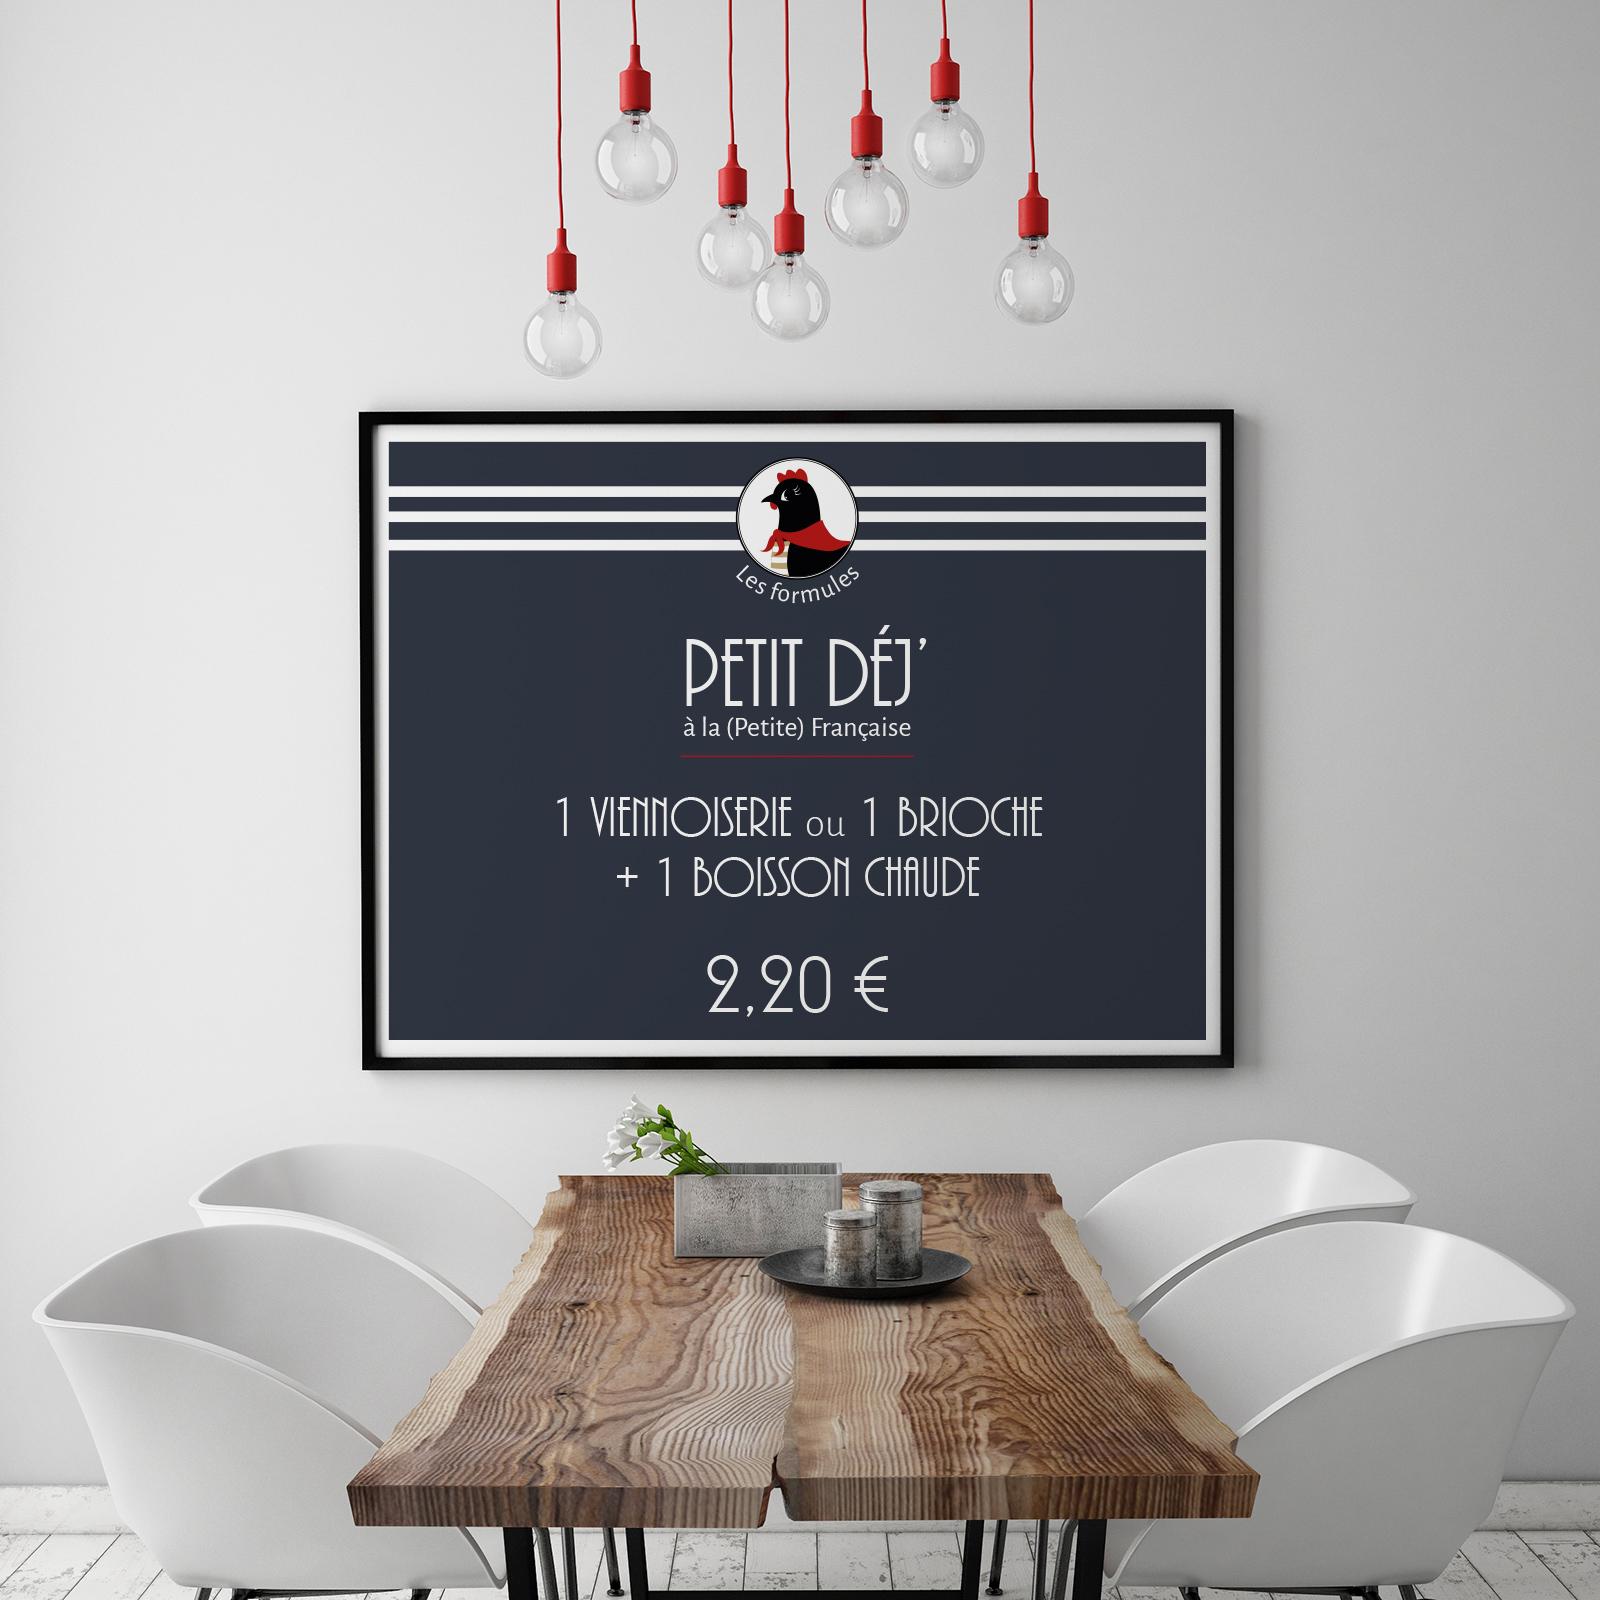 Tableau cadre La Petite Française boulangerie communication Moulin Maury GlobeWorker